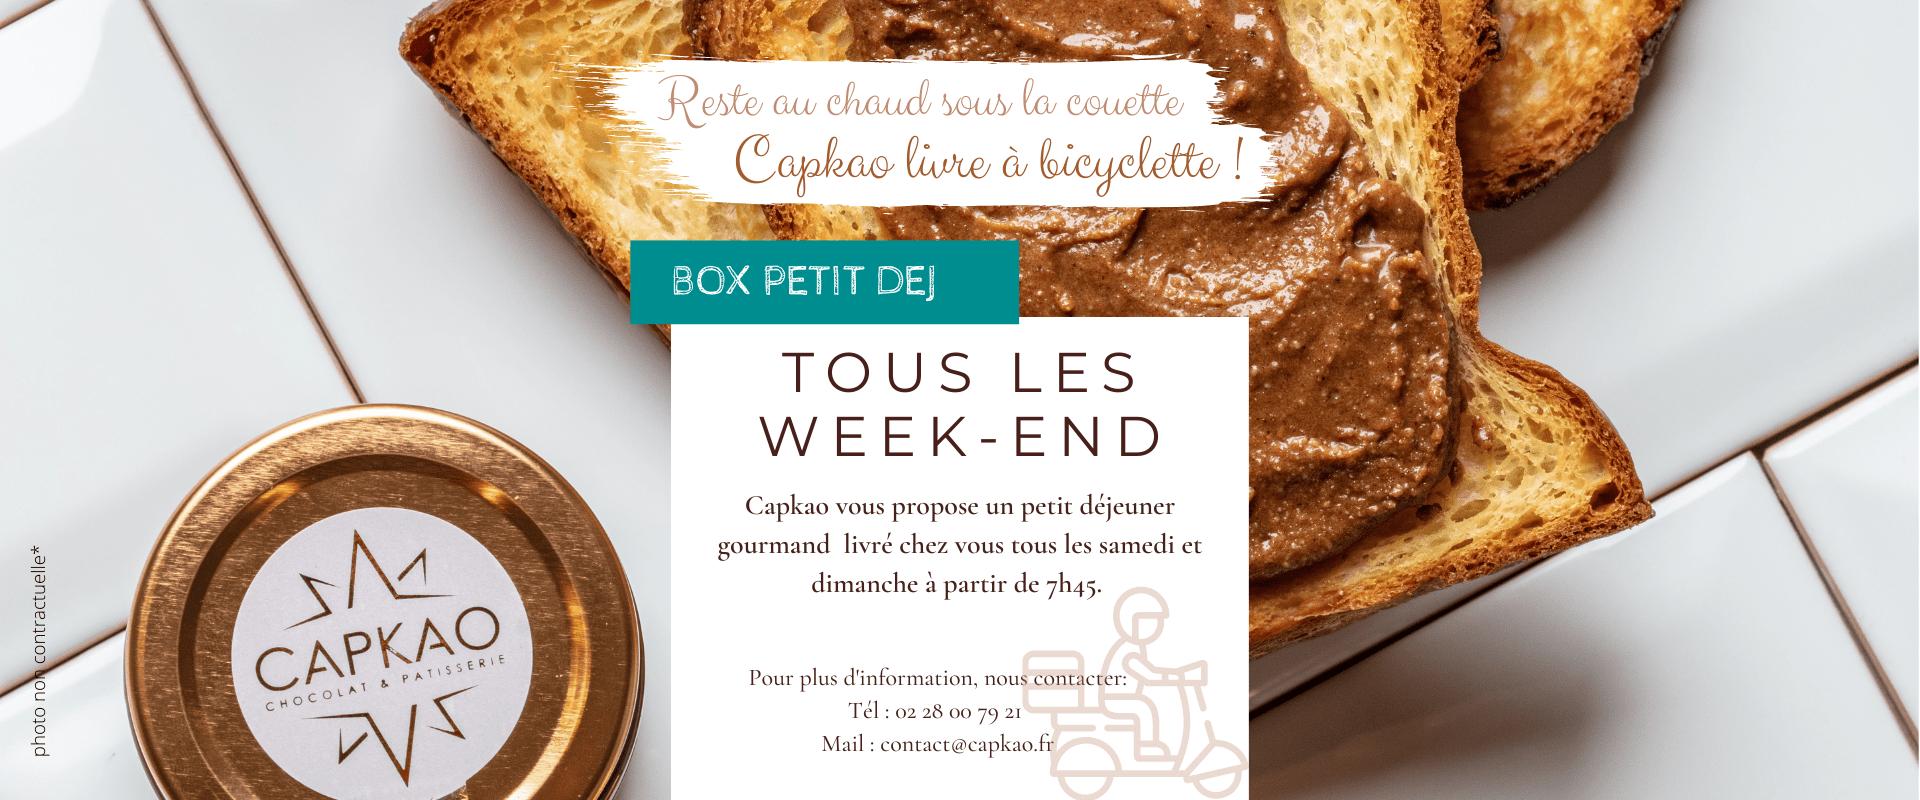 Capkao - Box Petit Déjeuner